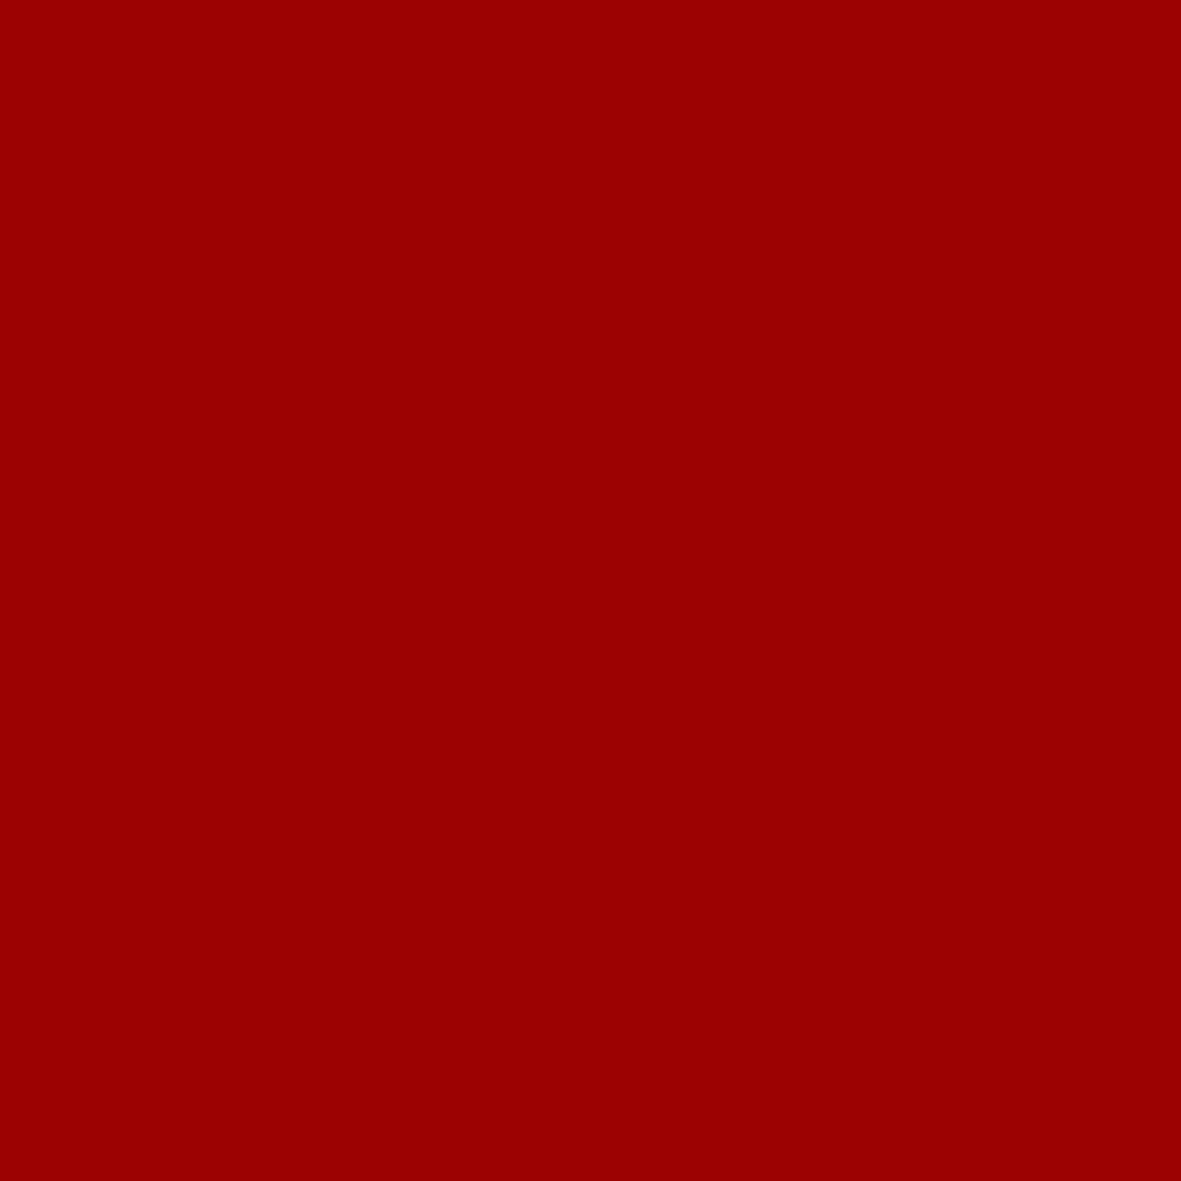 Bennet Spectrum Solid 444M